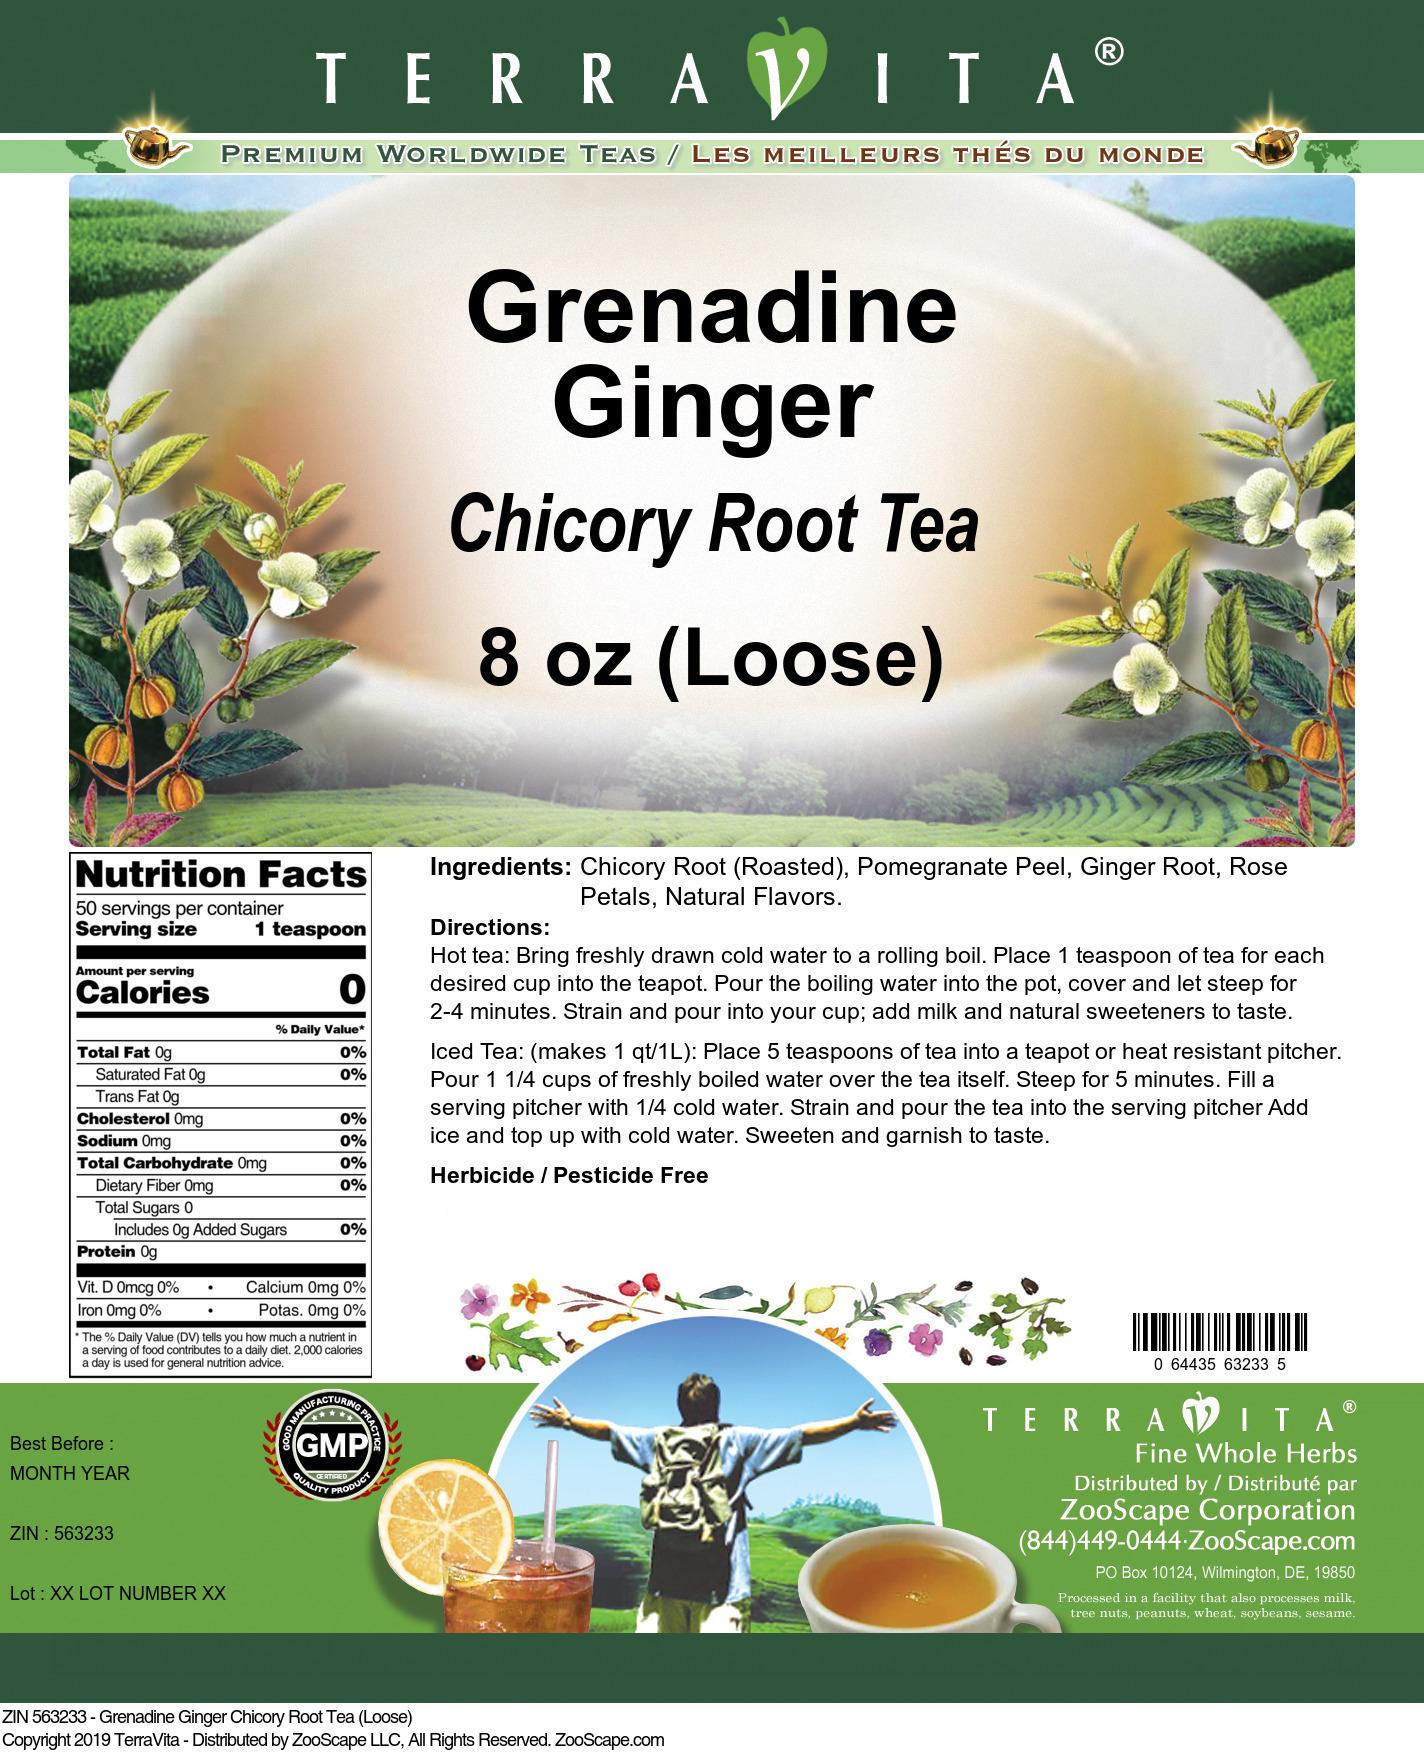 Grenadine Ginger Chicory Root